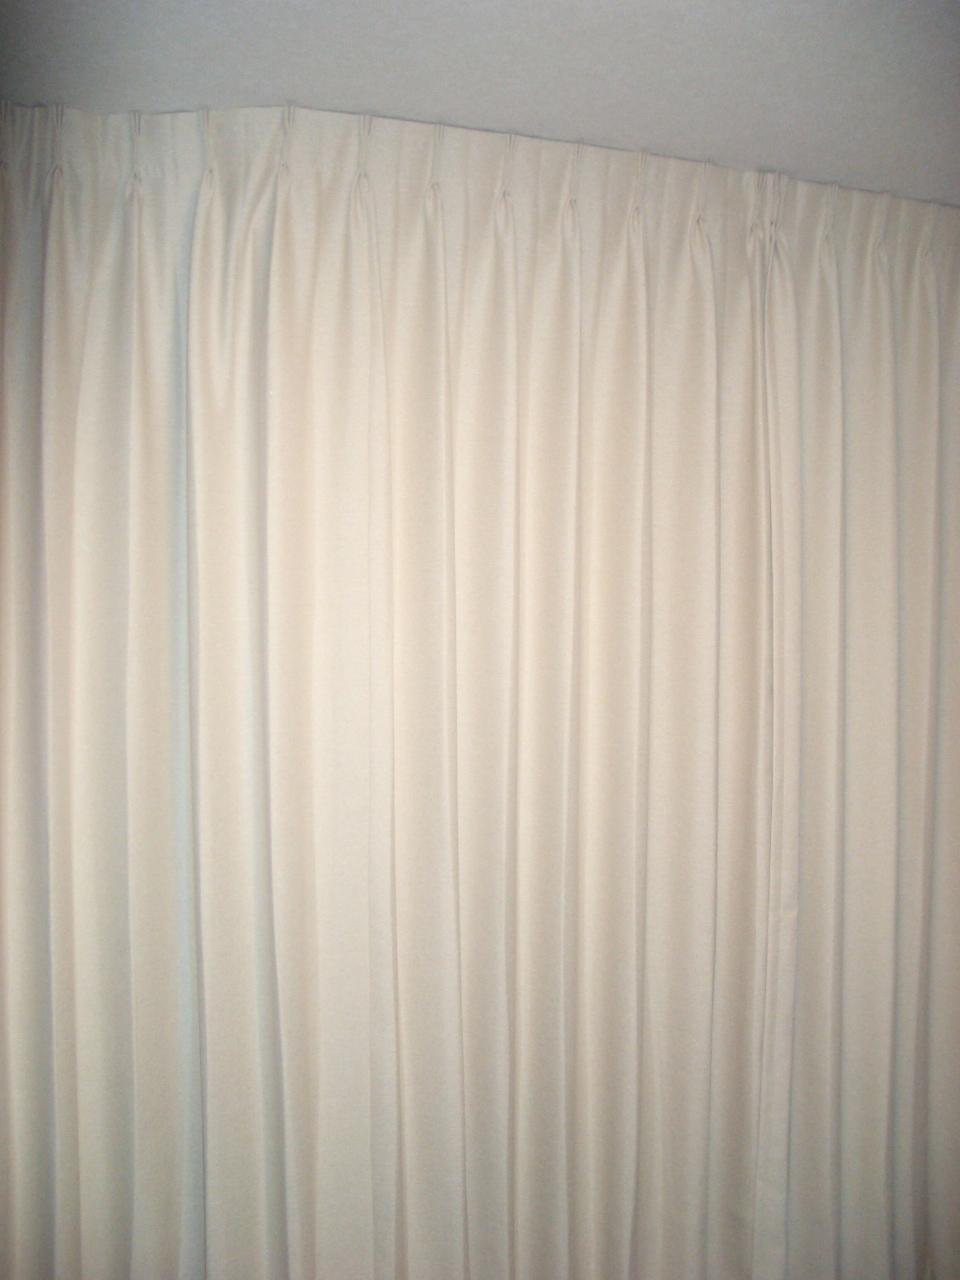 暑さ寒さもカーテンで!_e0133255_16335746.jpg